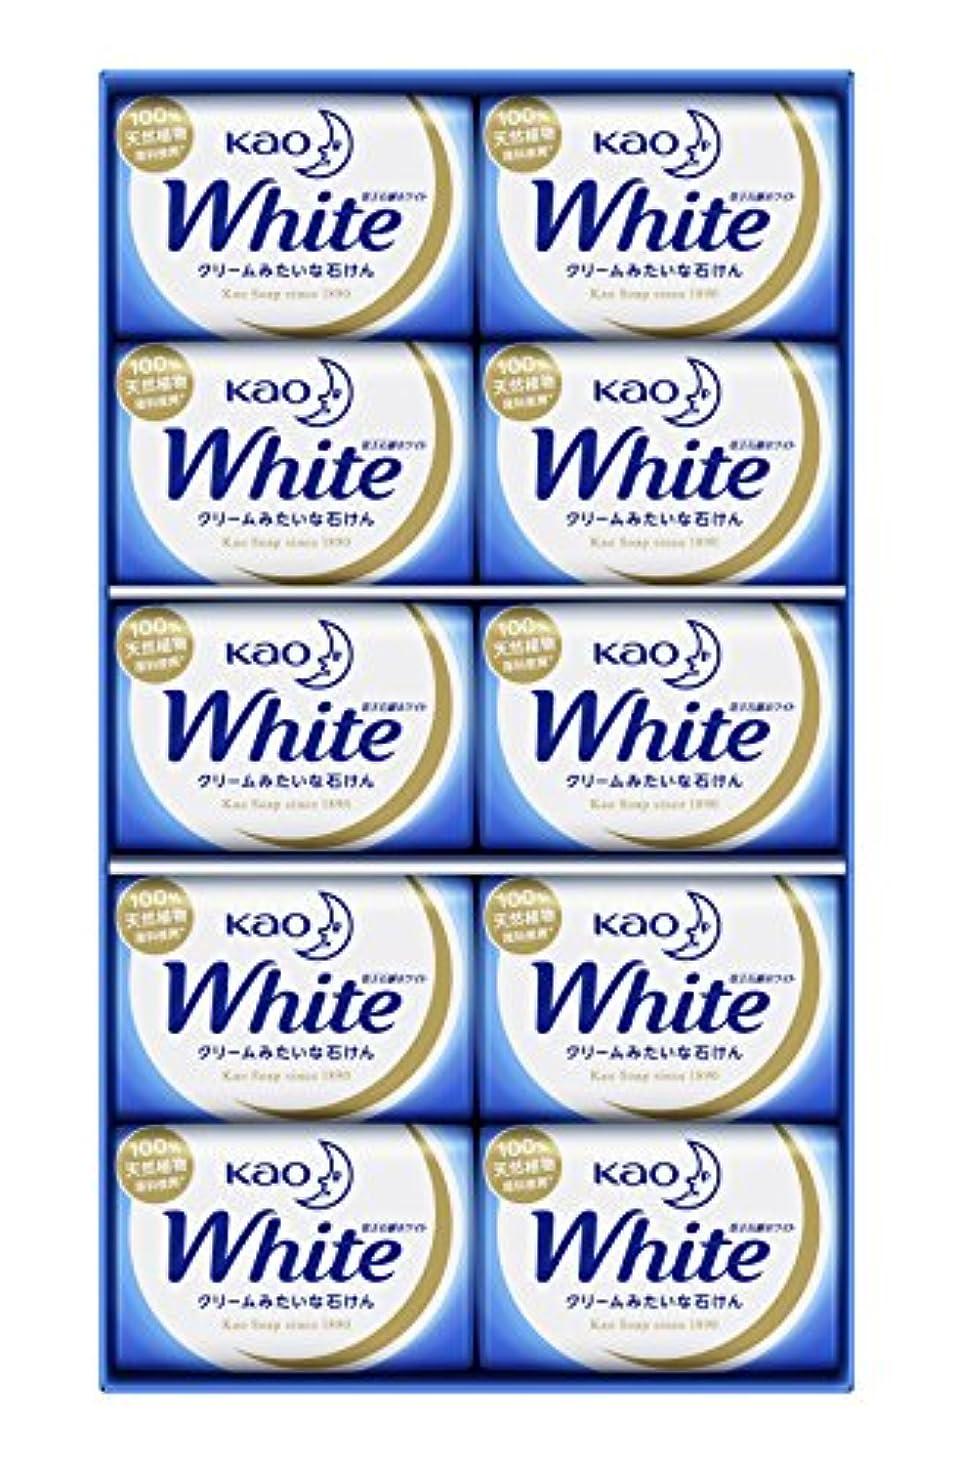 シェルター未満想像する花王ホワイト ギフト 85g 10コ K?W-10